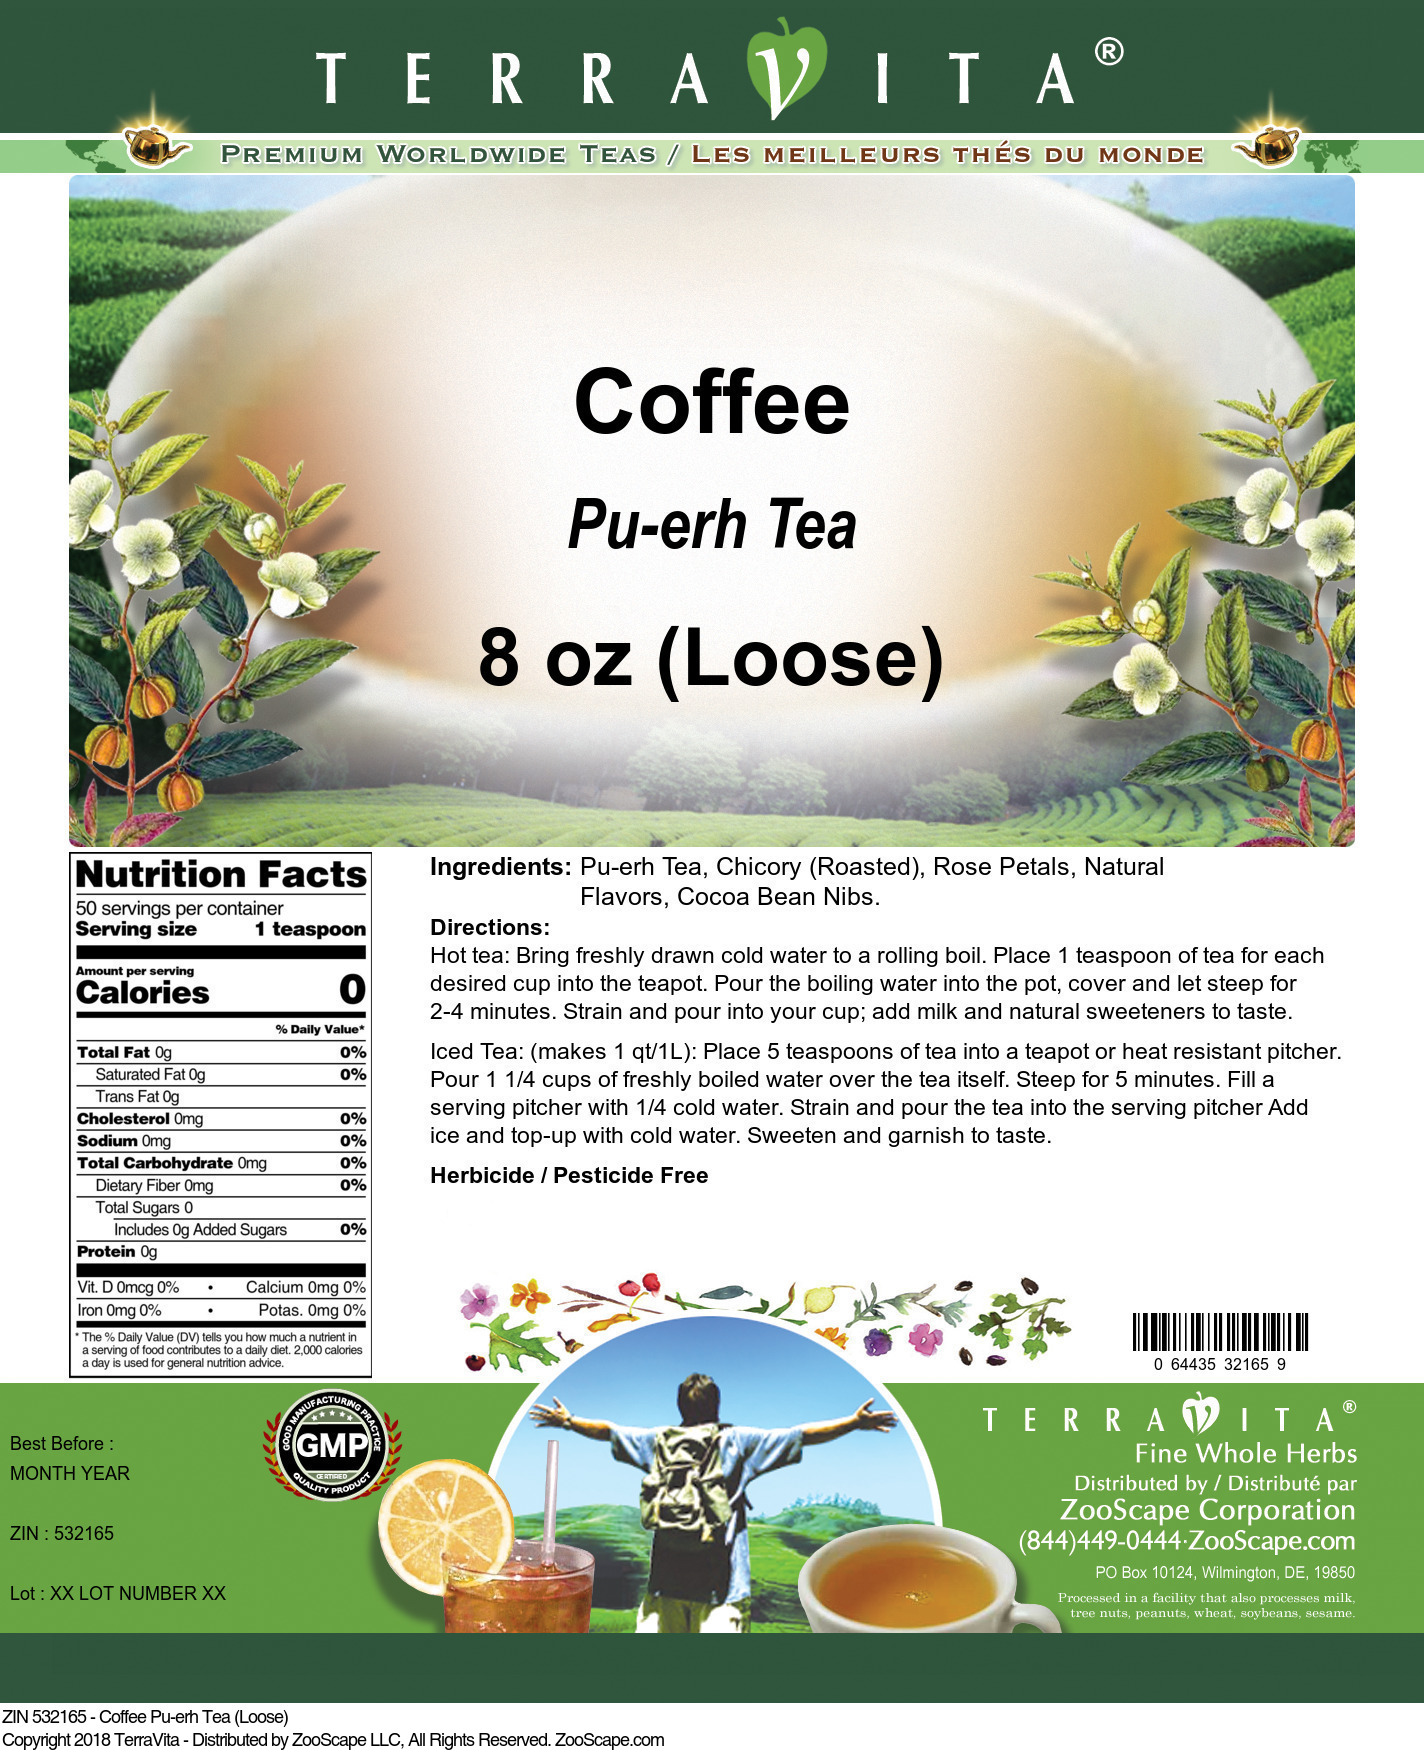 Coffee Pu-erh Tea (Loose)